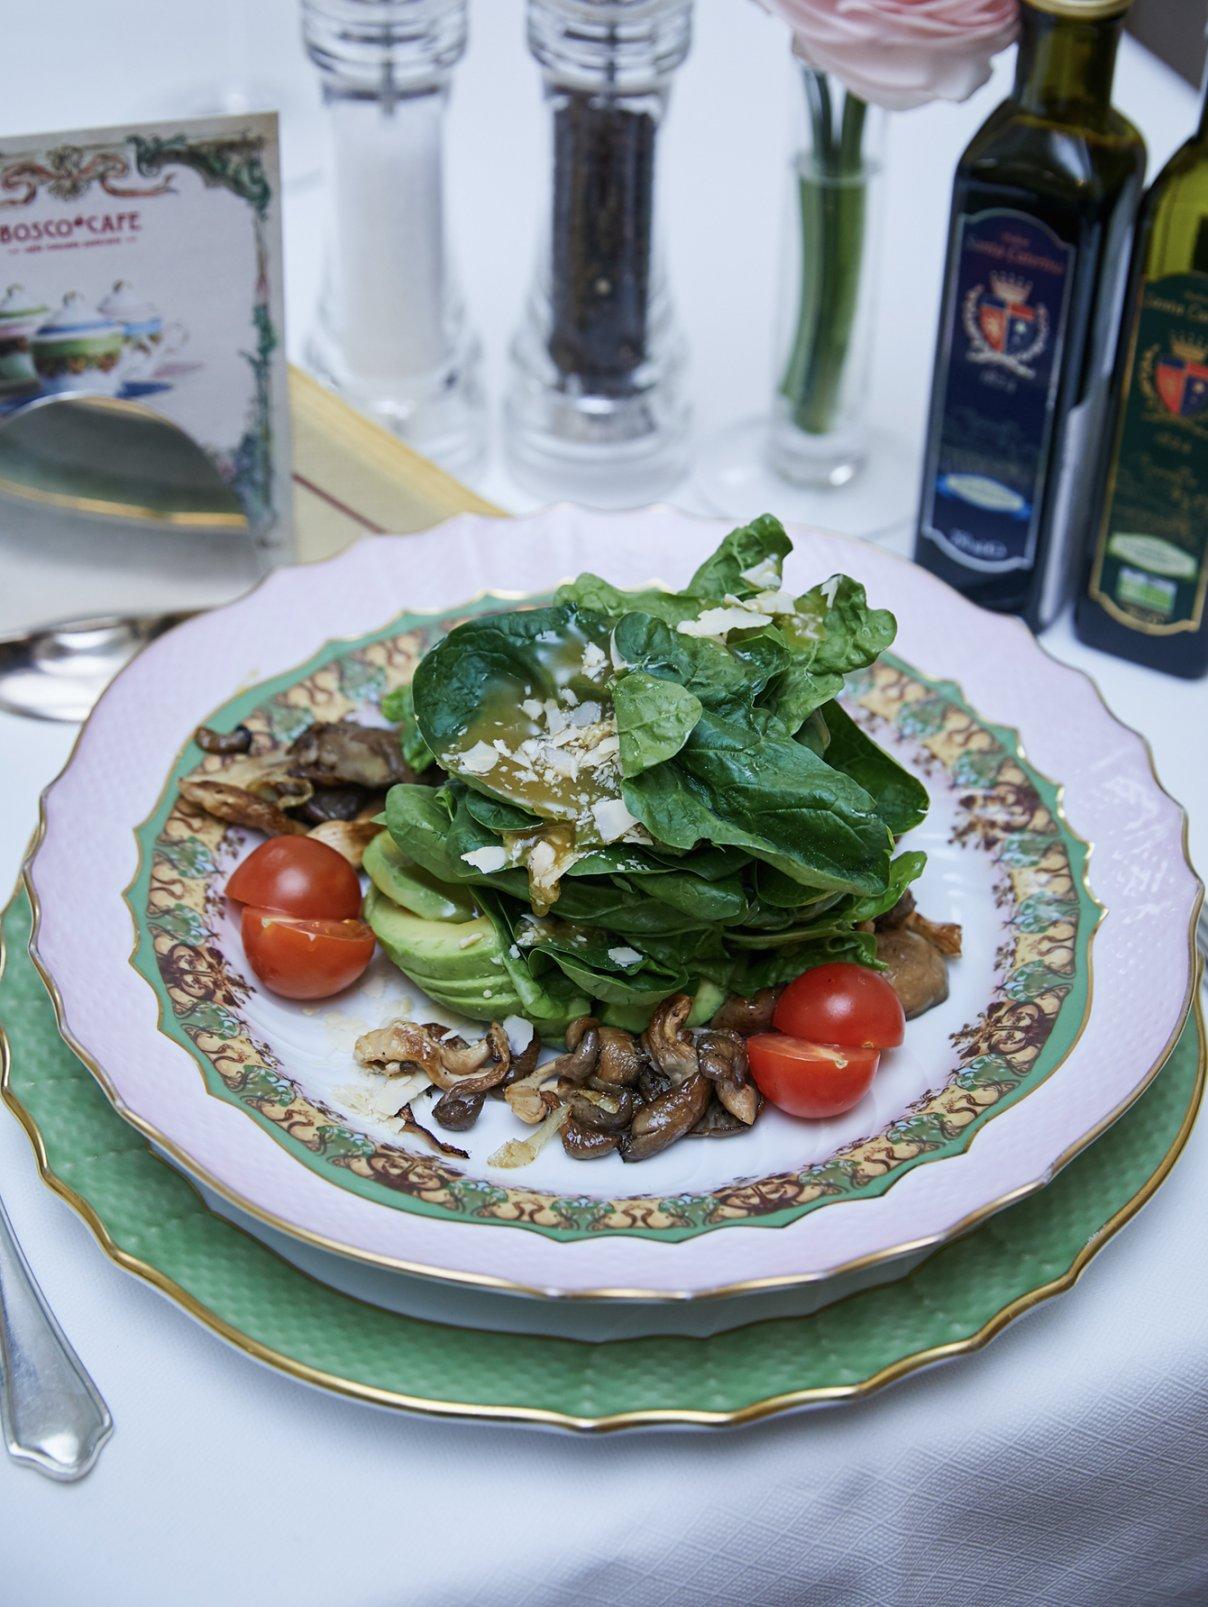 Салат «Альпийский» BoscoCafe  –  Общий вид